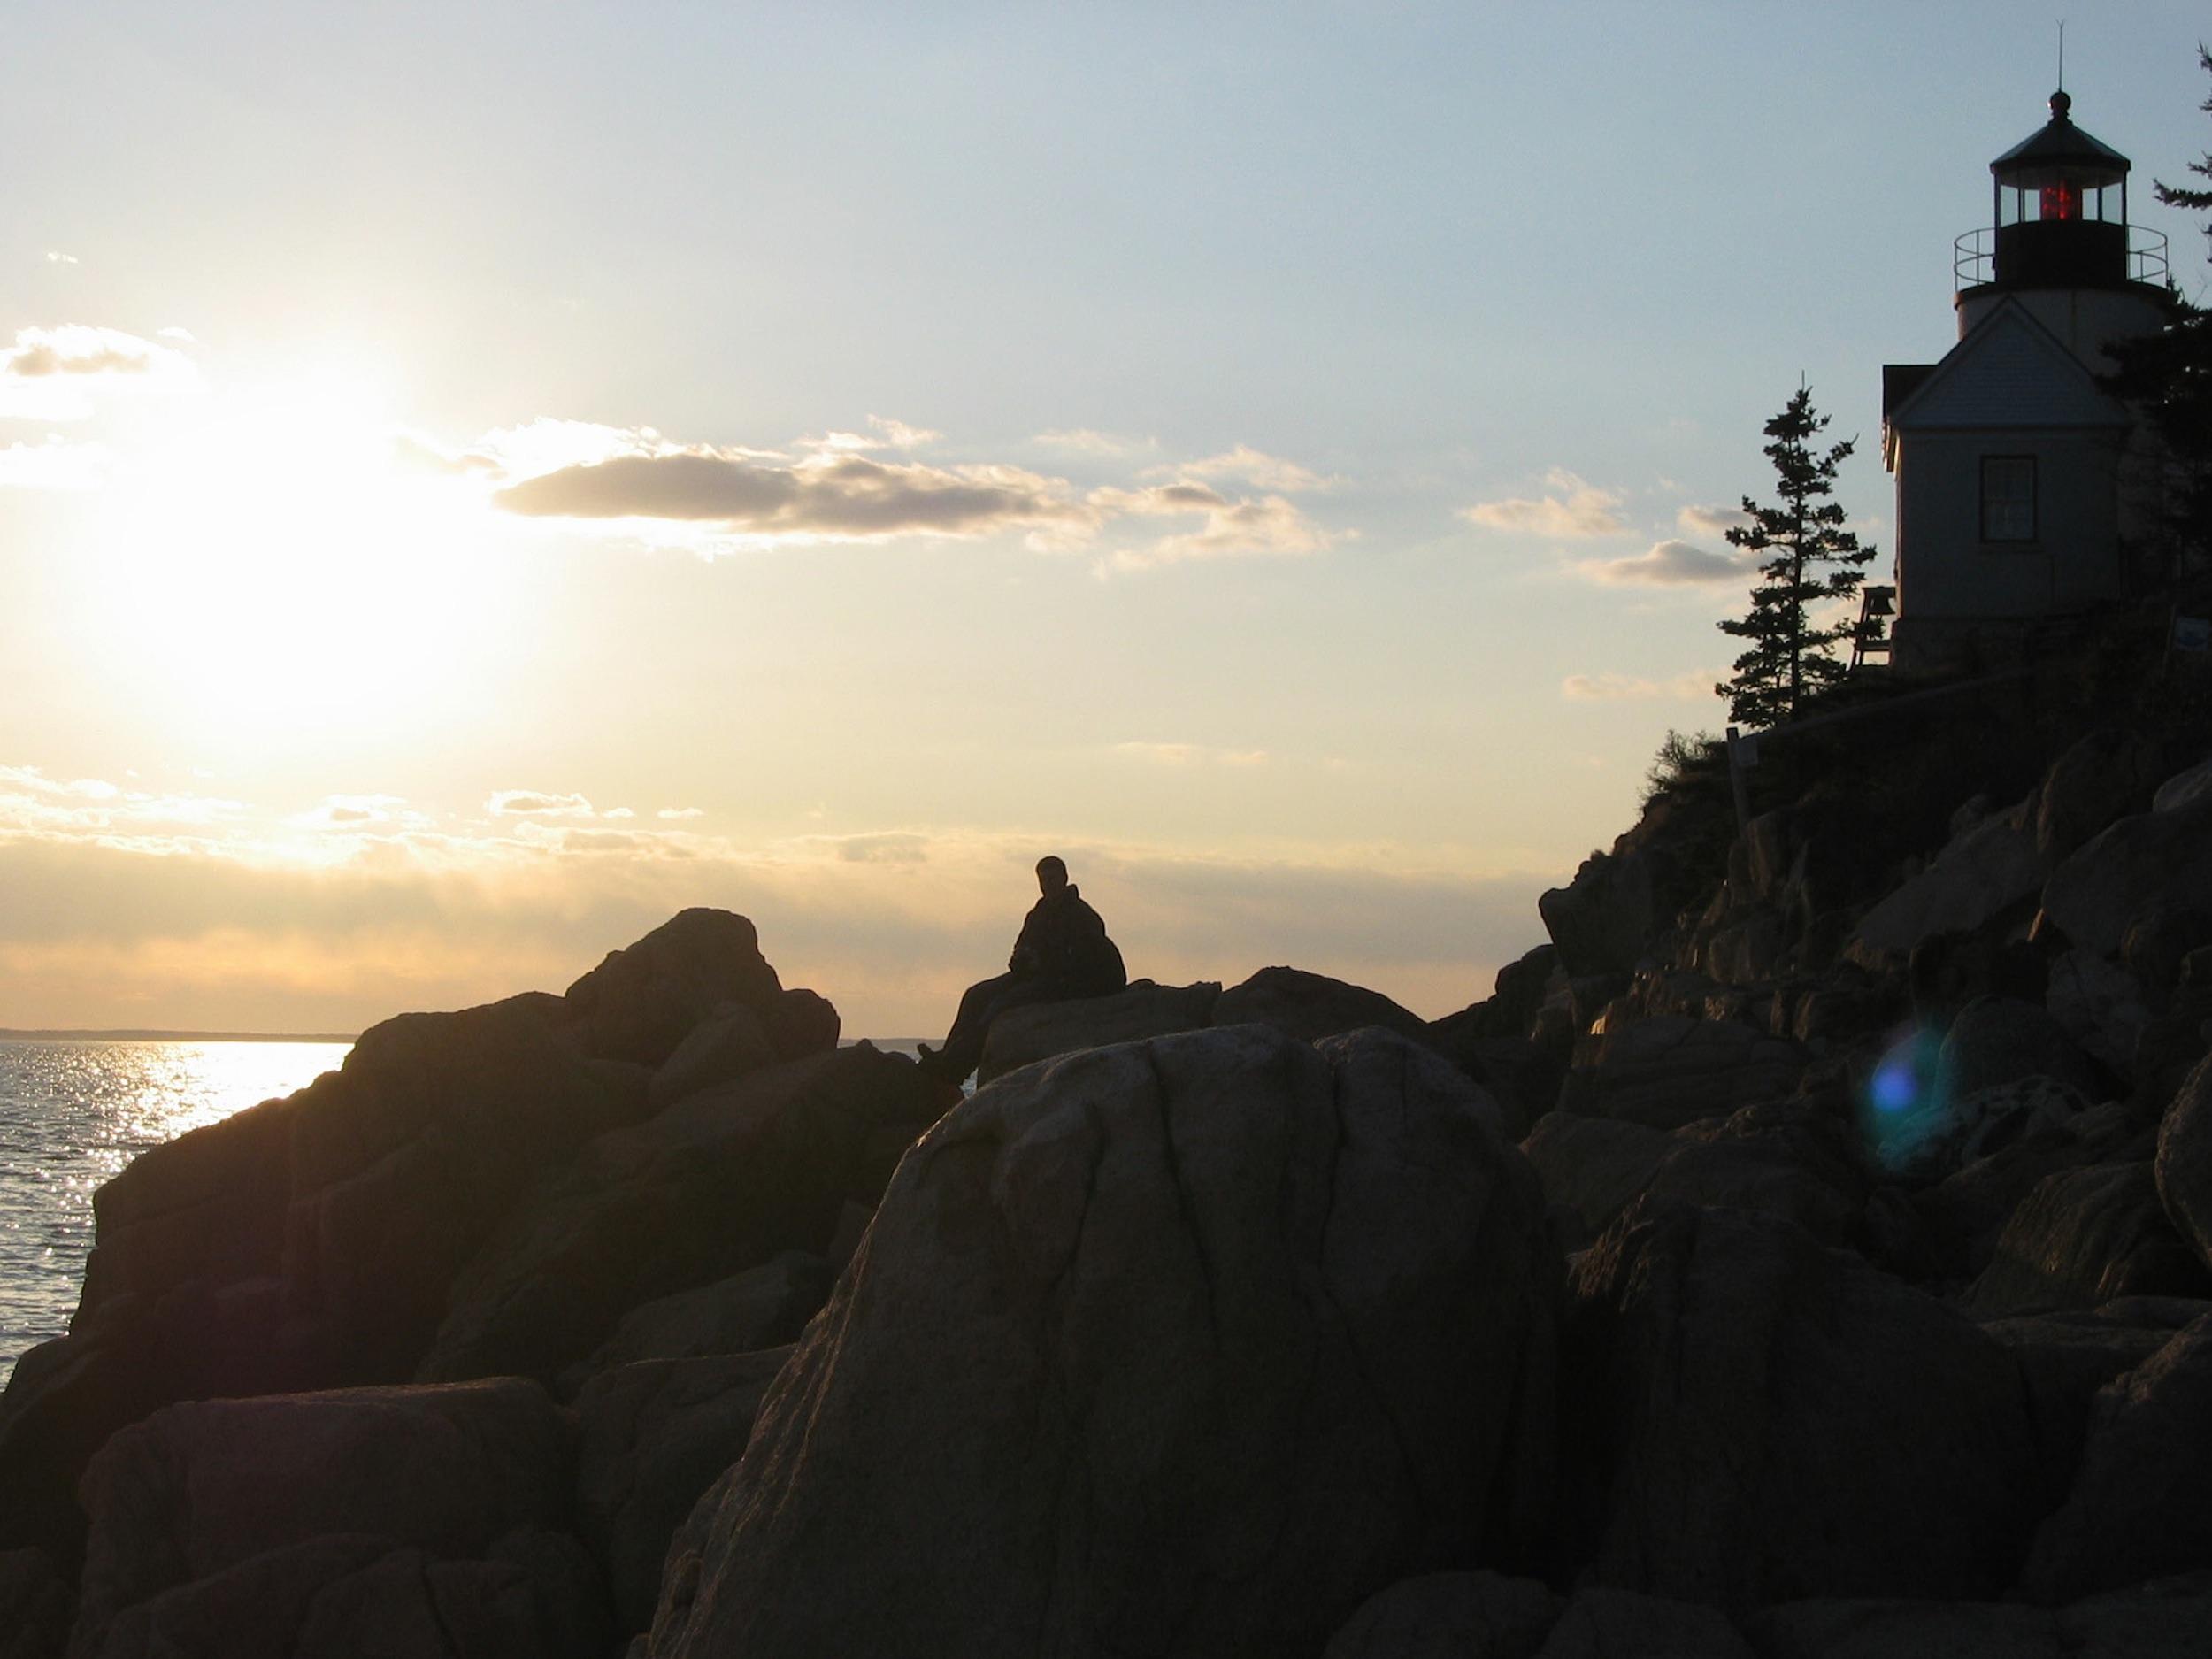 Acadia National Park, Bar Harbor, Maine.